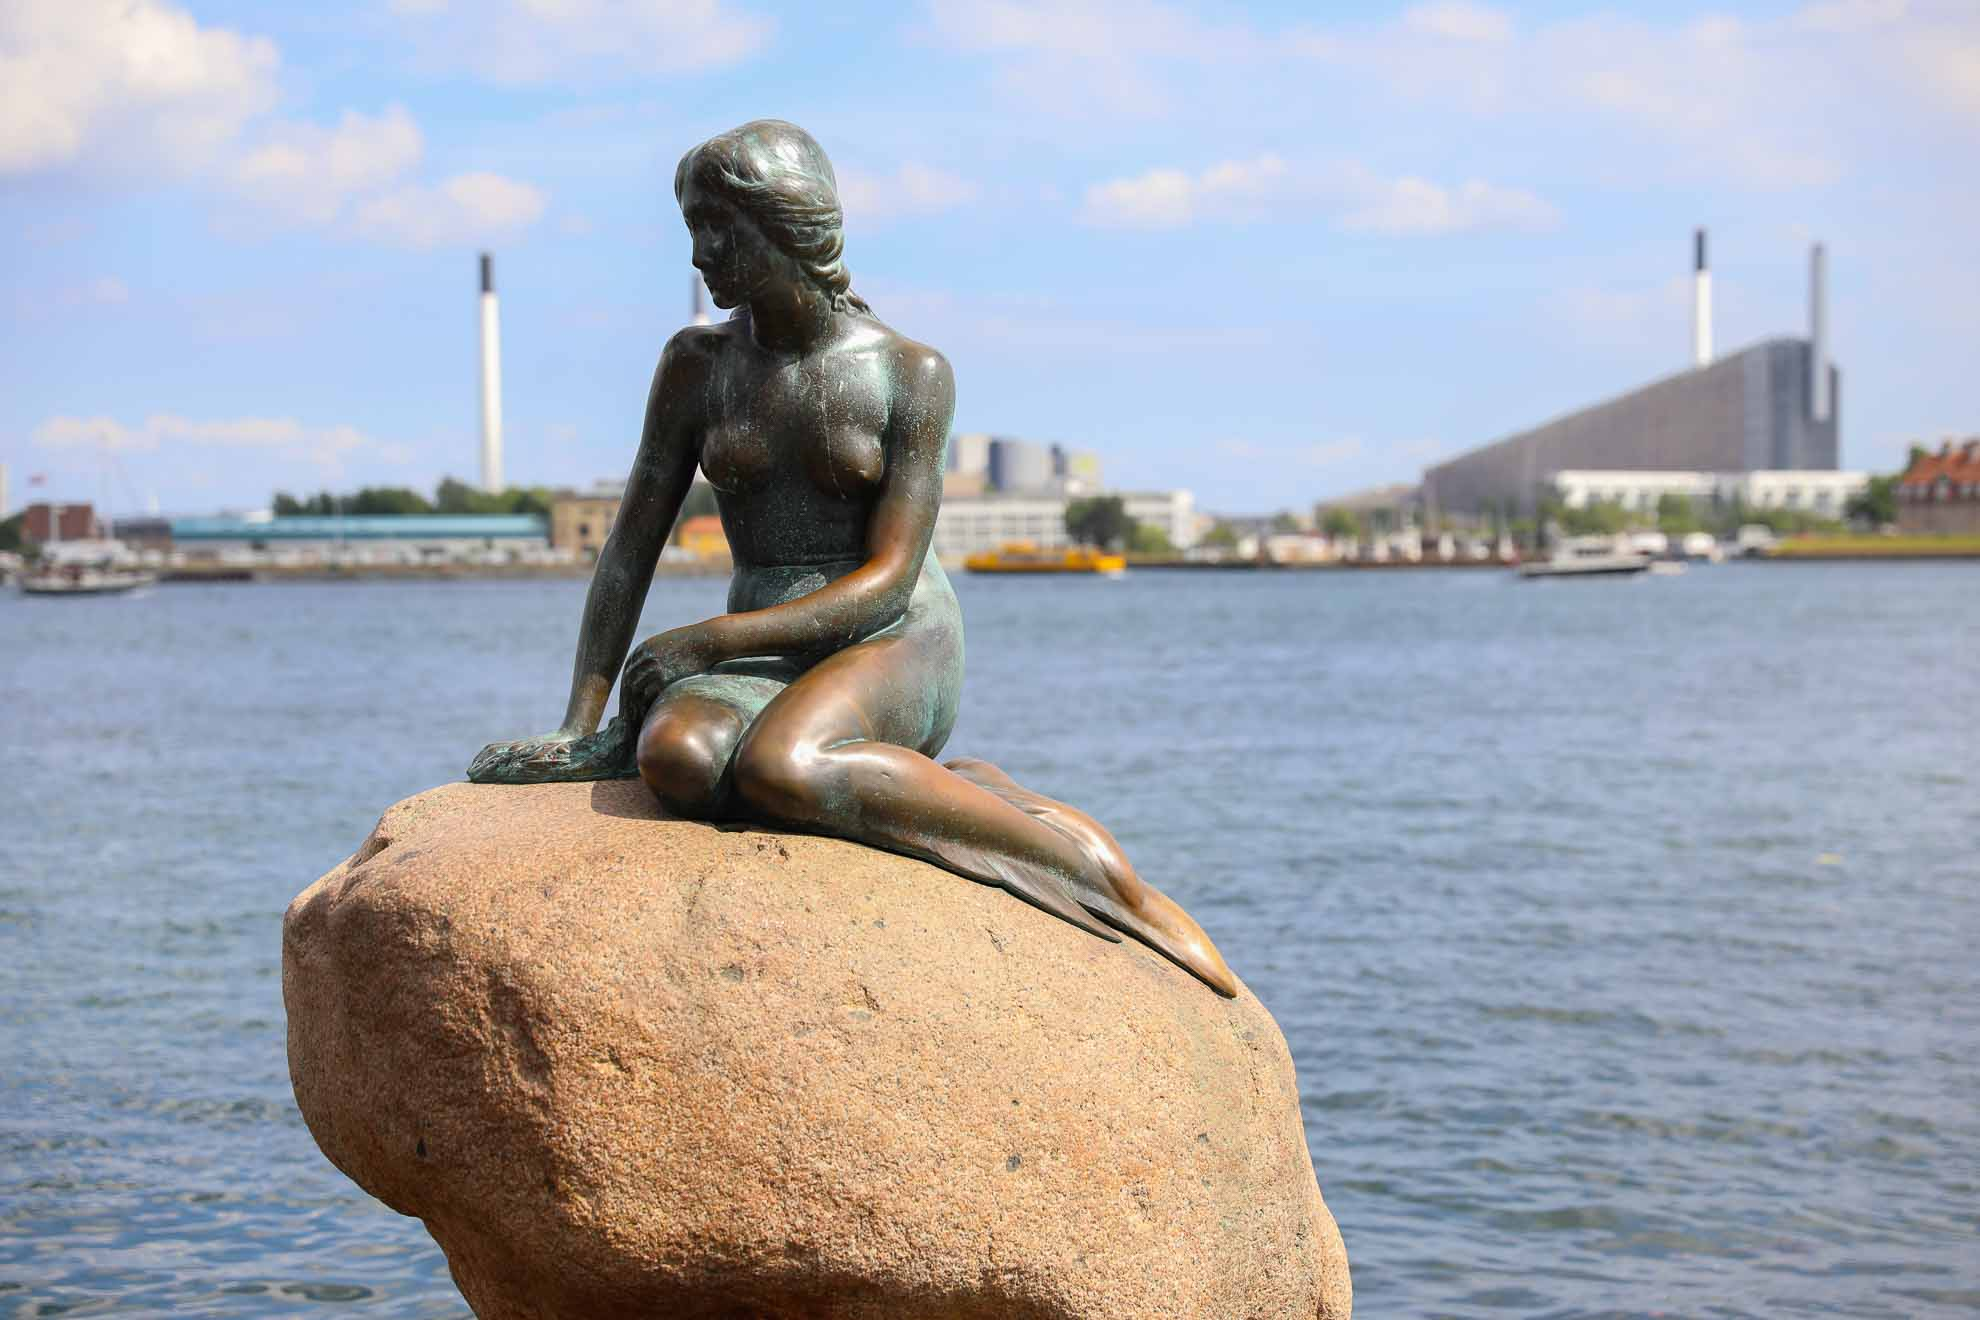 Die kleine Meerjungfrau von Edvard Eriken sitzt seit 1913 am Ufer. Wir haben sie besucht